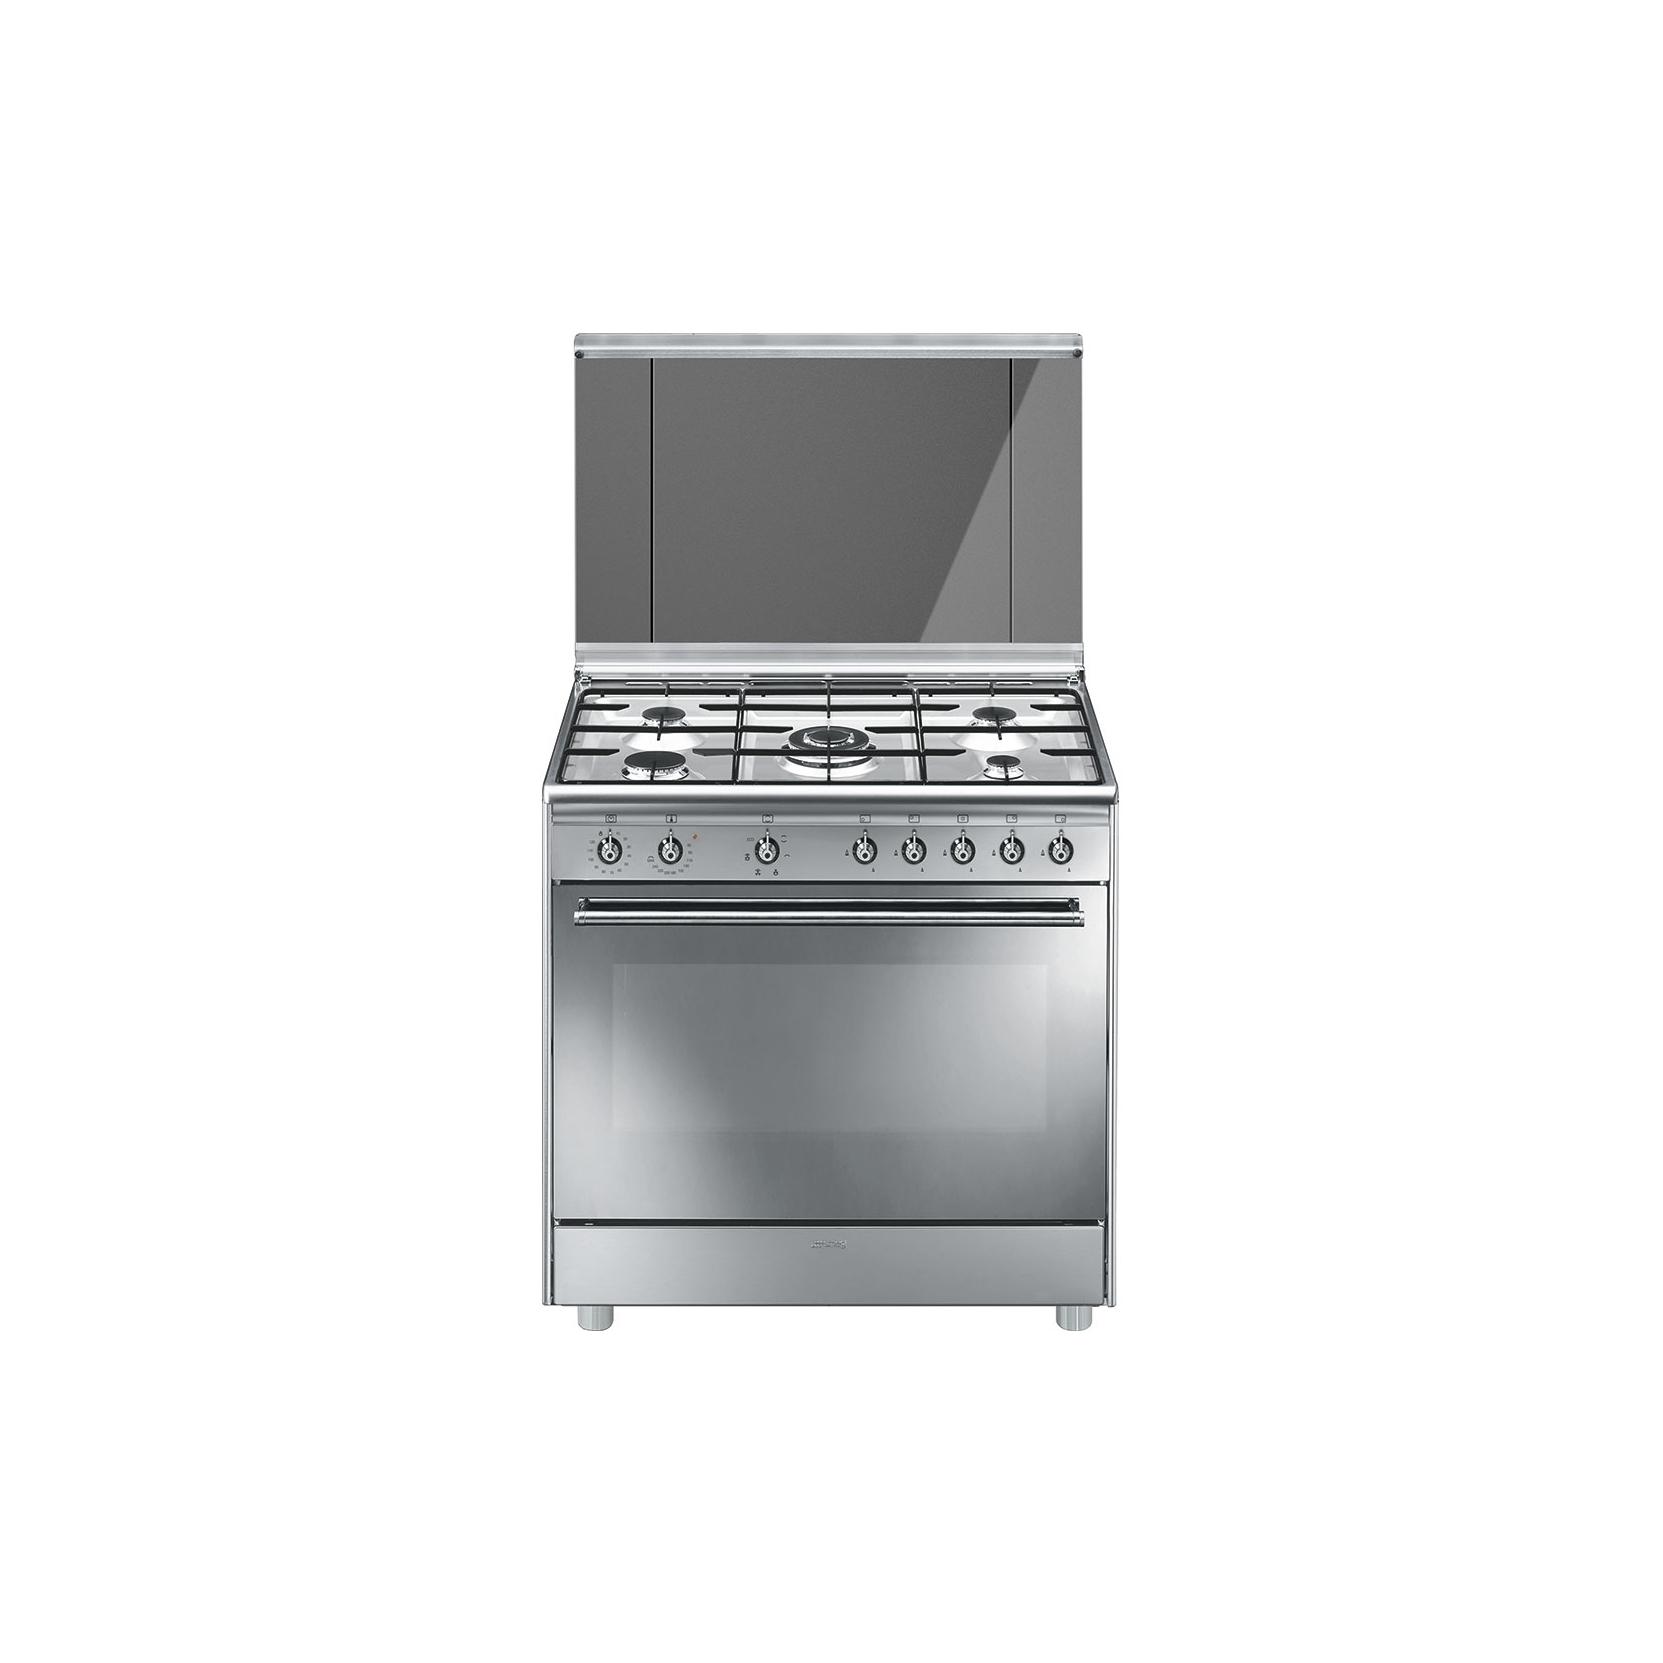 Cucina smeg sx91sv9 5 fuochi forno multifunzione dimensione 90 x 60cm colore inox classe a - Cucina smeg 5 fuochi ...